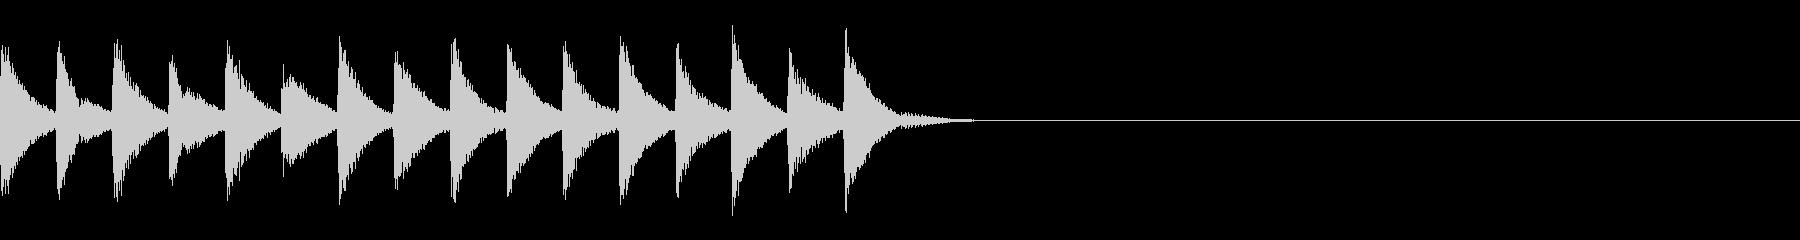 FX・SE/着信音/コール/アラーム/1の未再生の波形